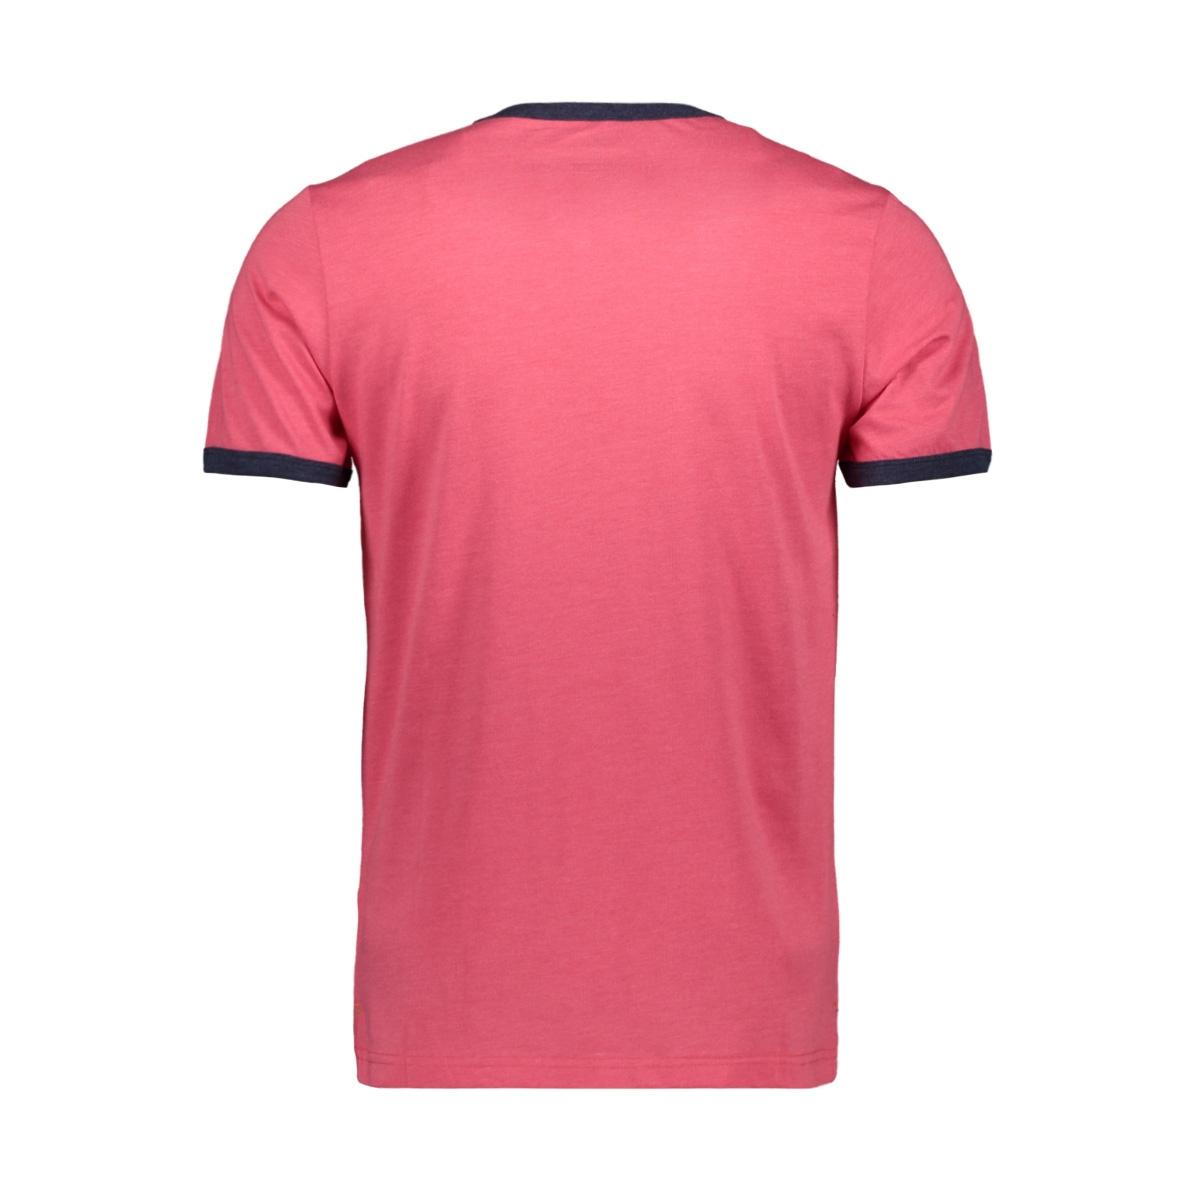 tapawera 20bn720 nza t-shirt 287 red